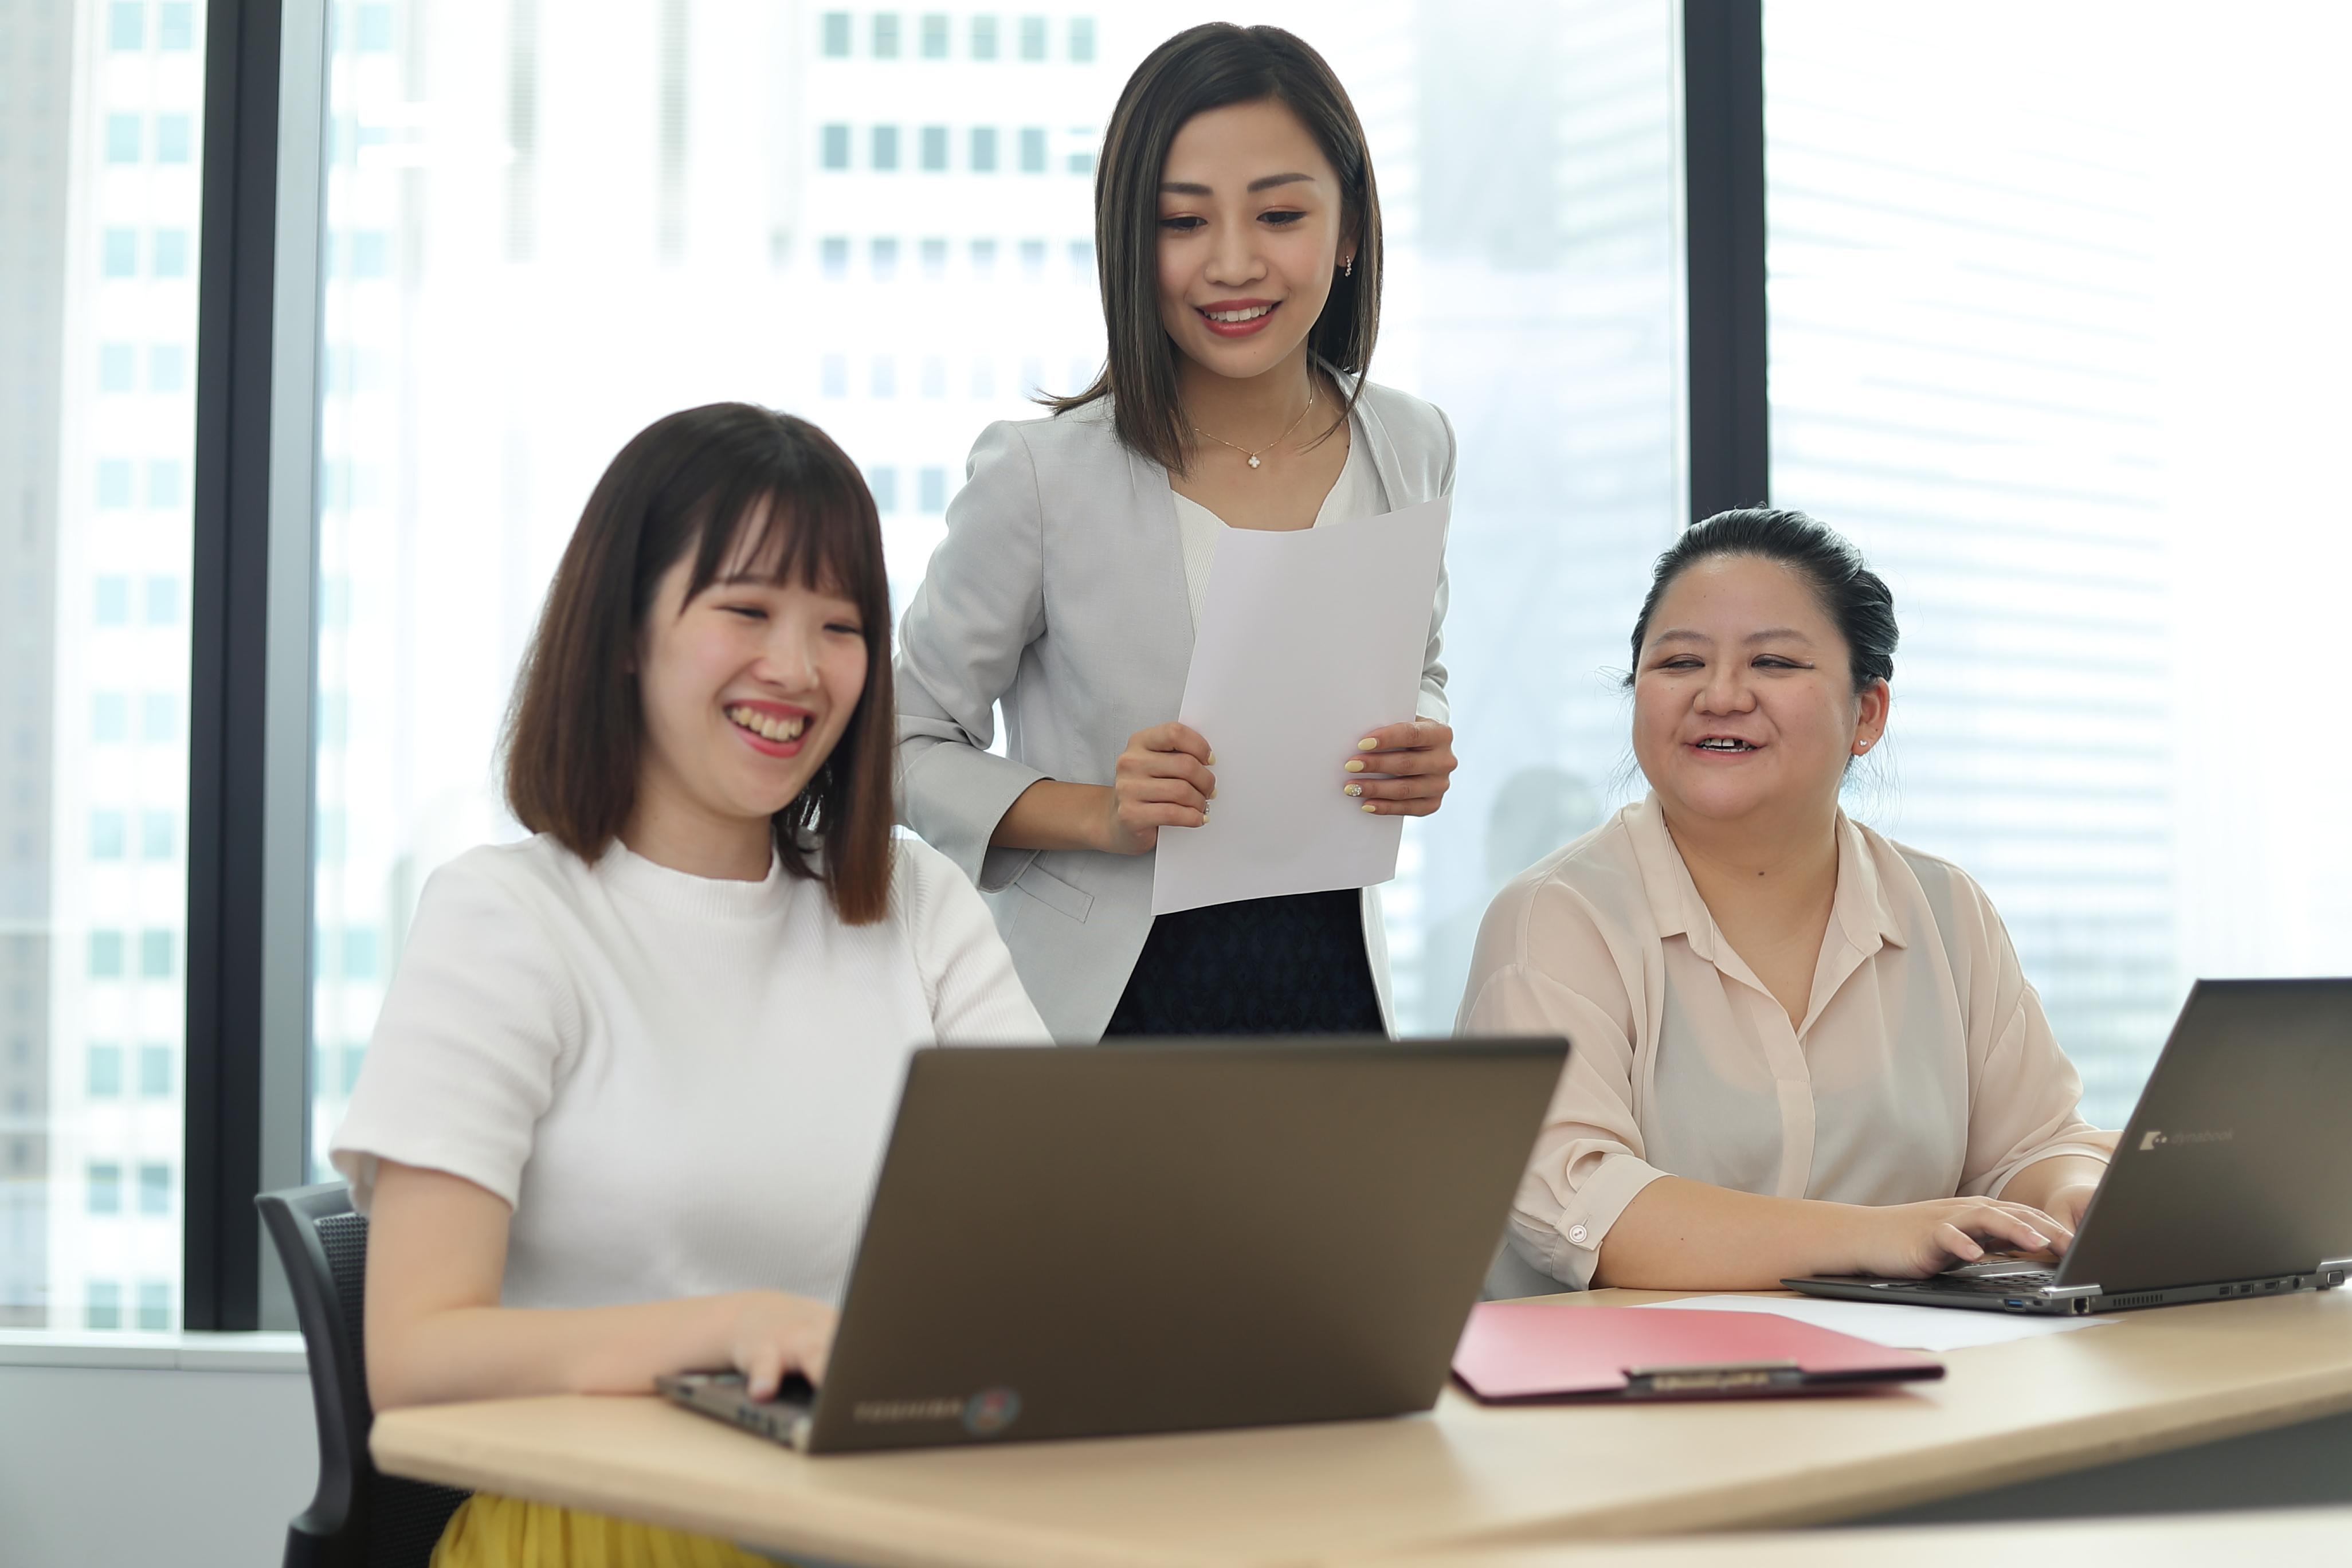 オープニング 大手生命保険会社でのチャットやメールによる問合せ対応